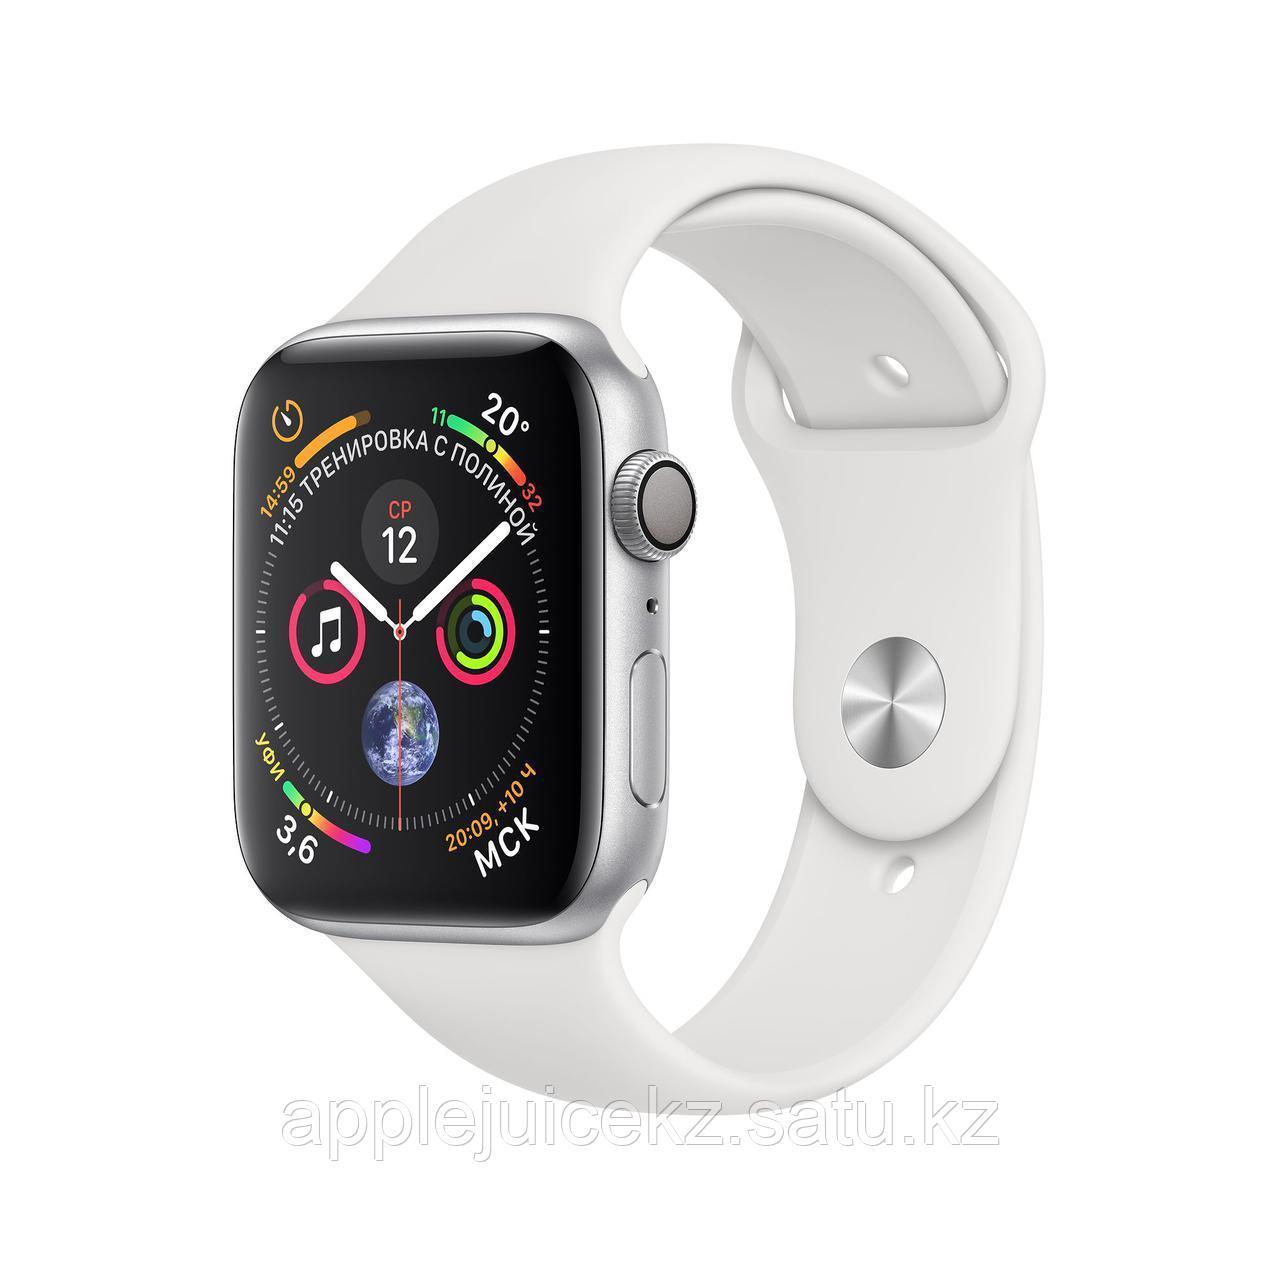 Apple Watch Series 4, 44 мм, корпус из алюминия серебристого цвета, спортивный ремешок белого цвета